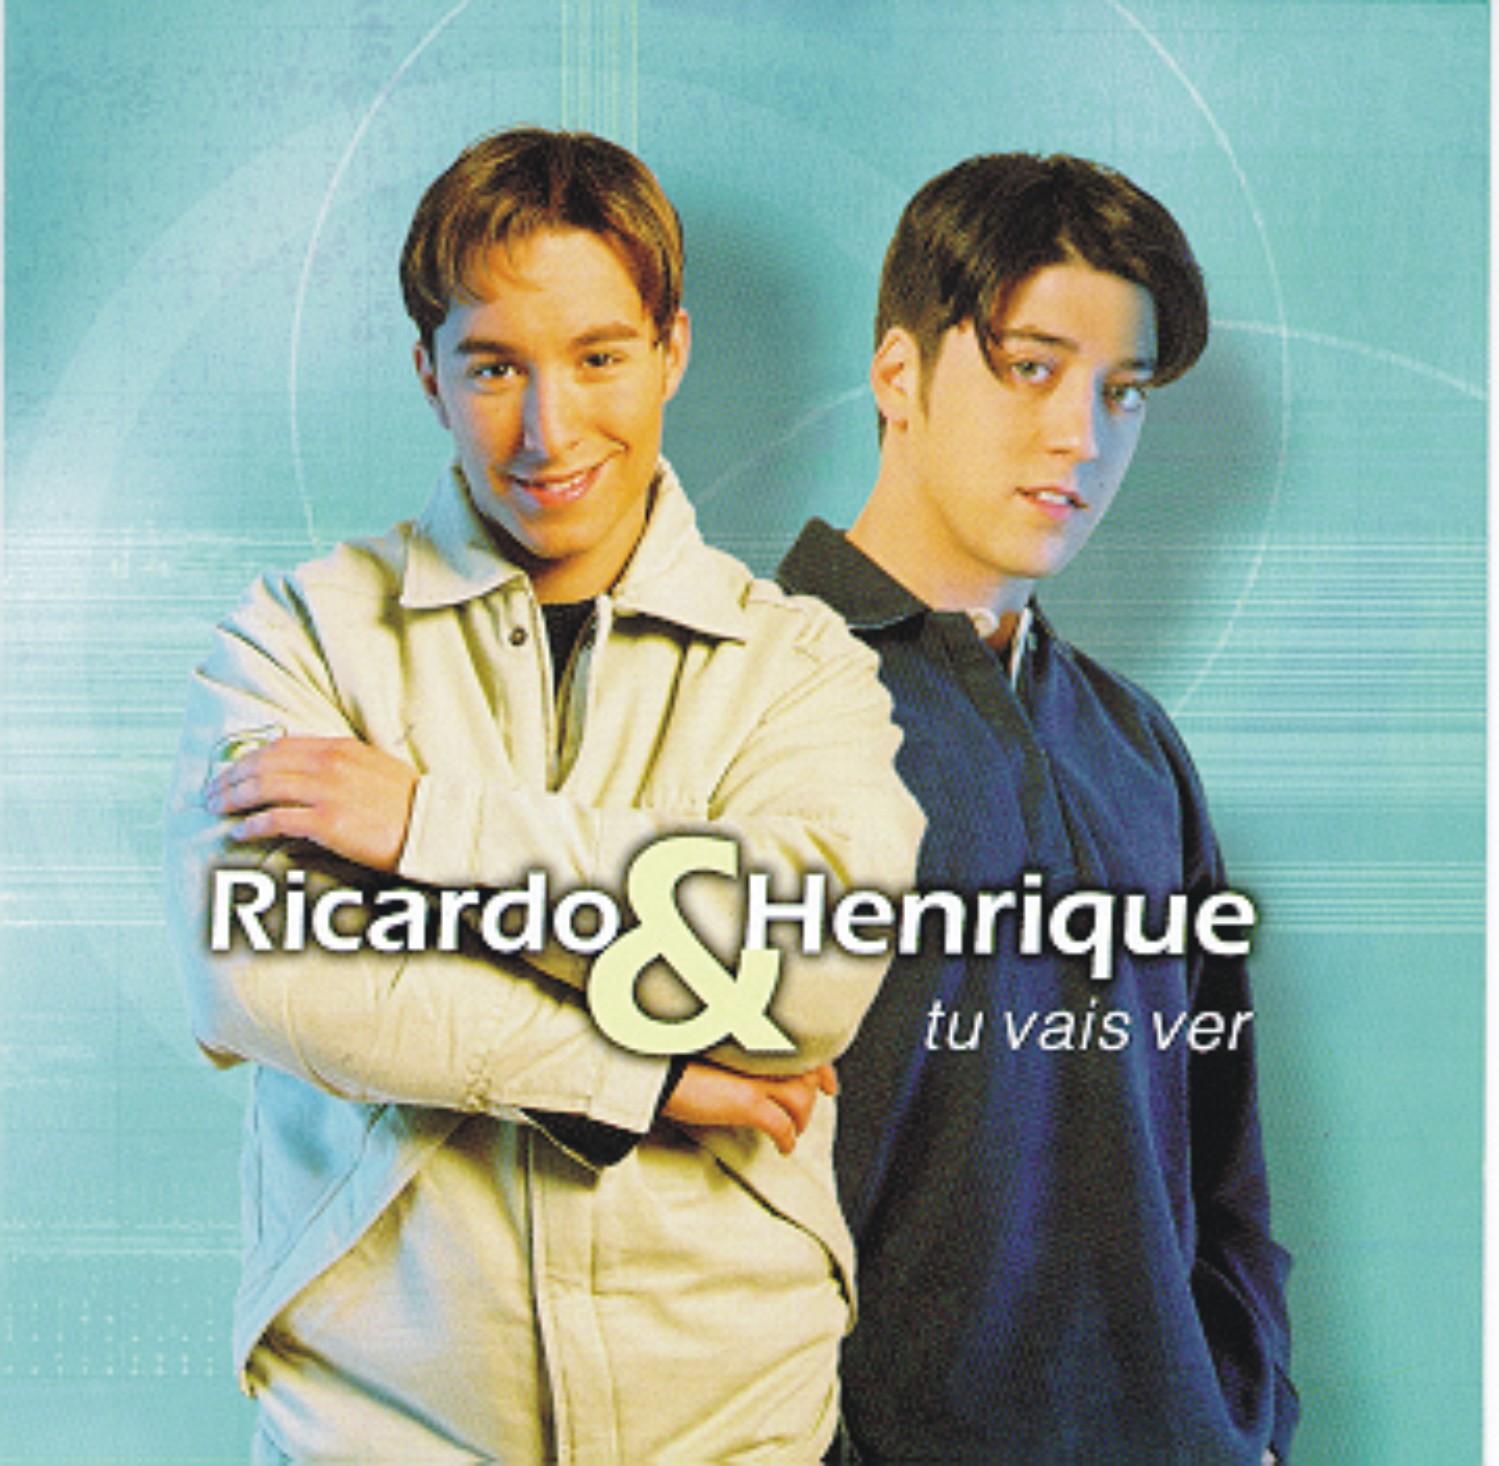 Ricardo & Henrique - tu vais ver (2001)